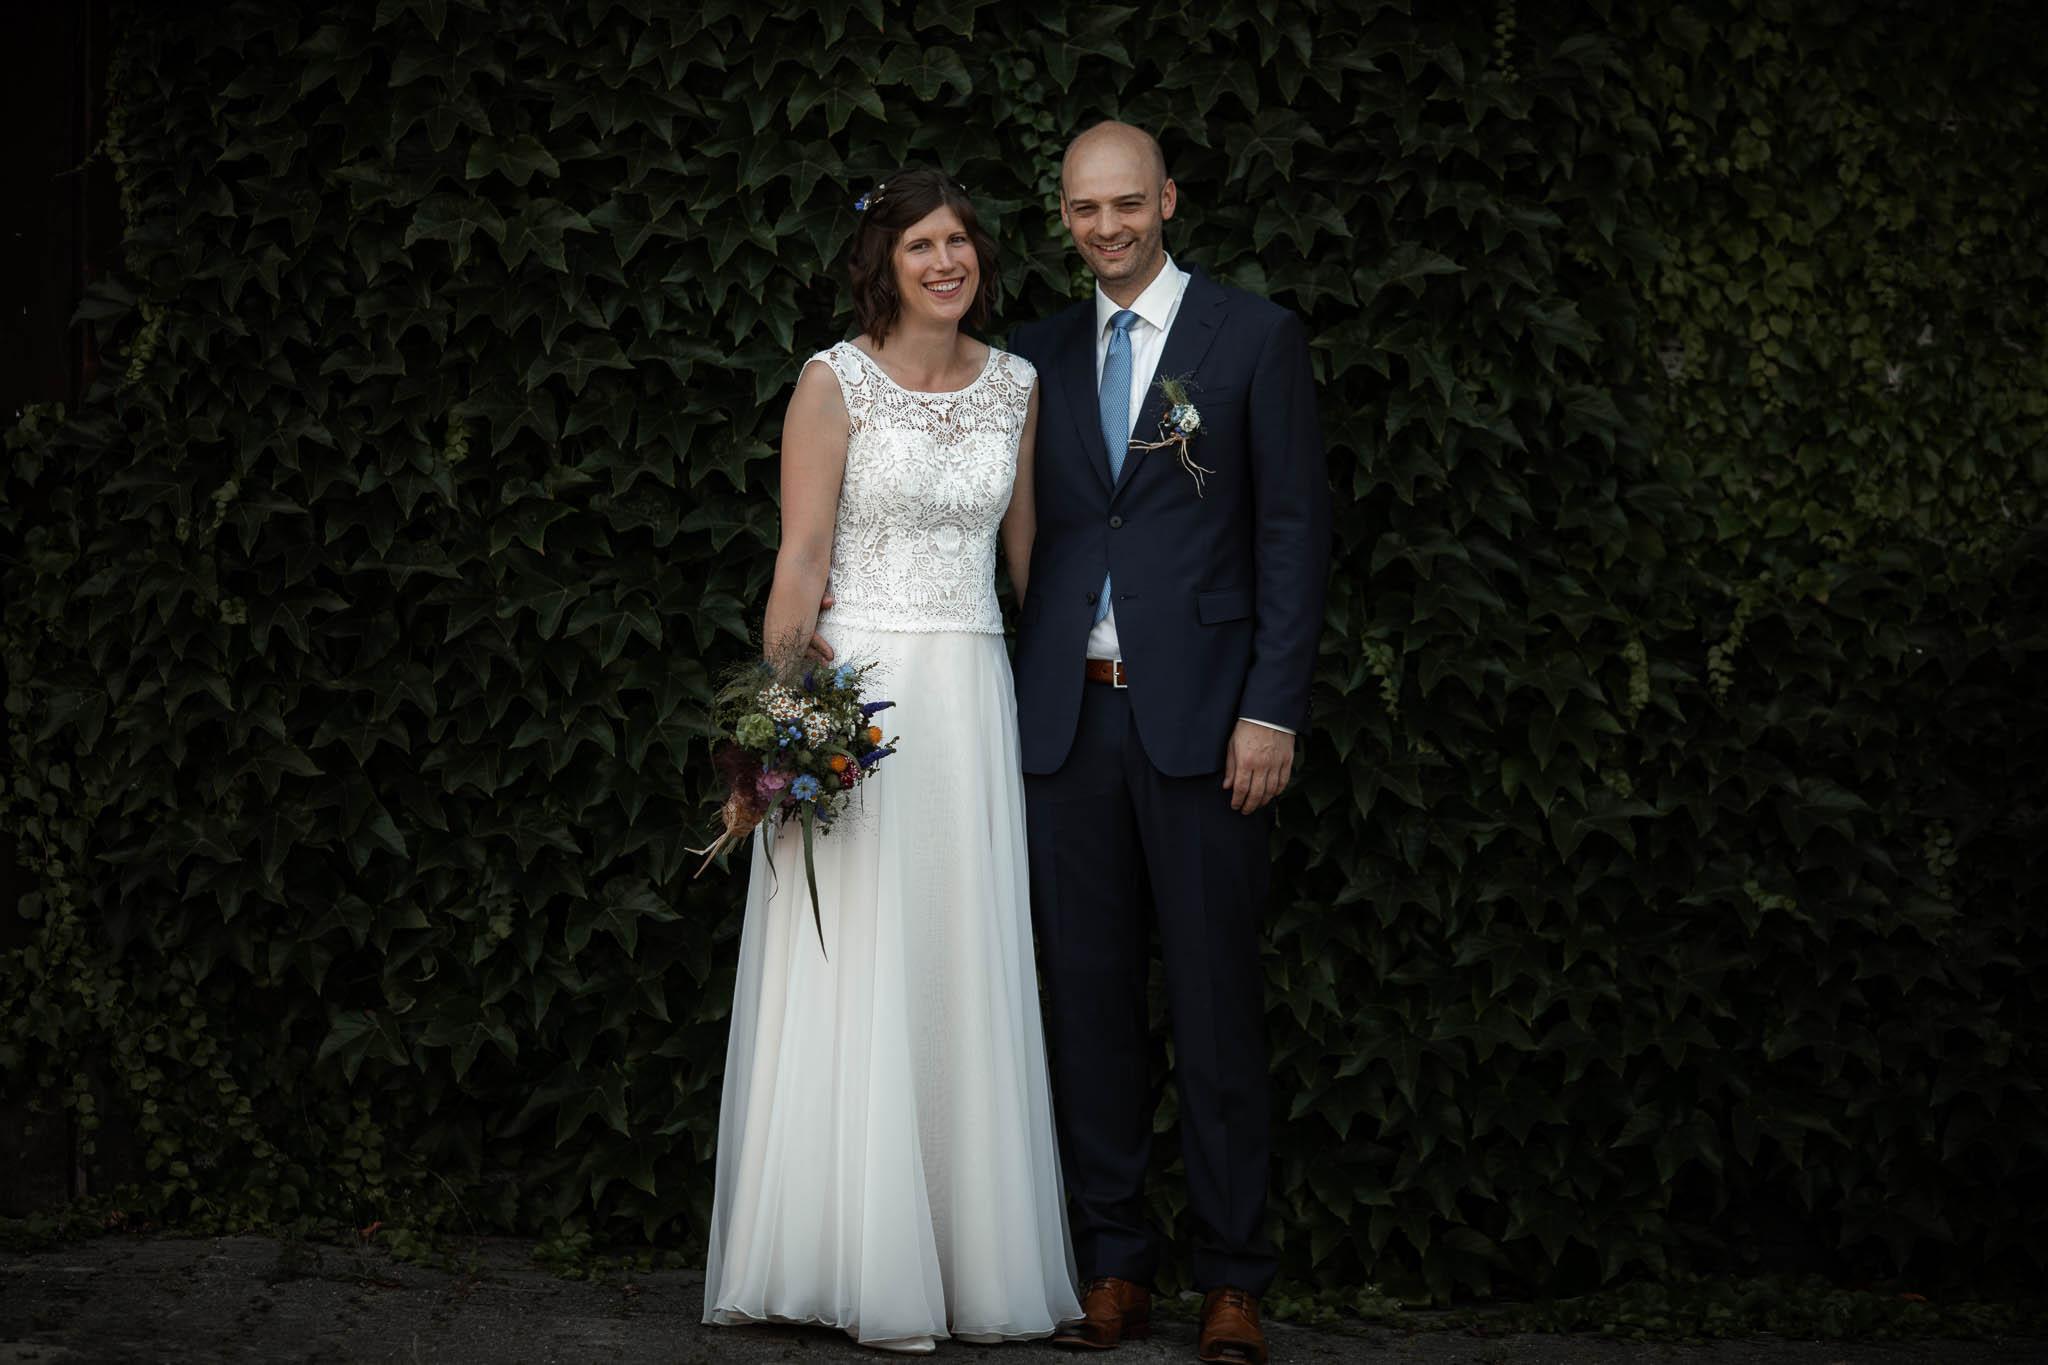 Hochzeitsfotograf Guntersblum, Domhof - Hochzeit von Ina & Johannes 46